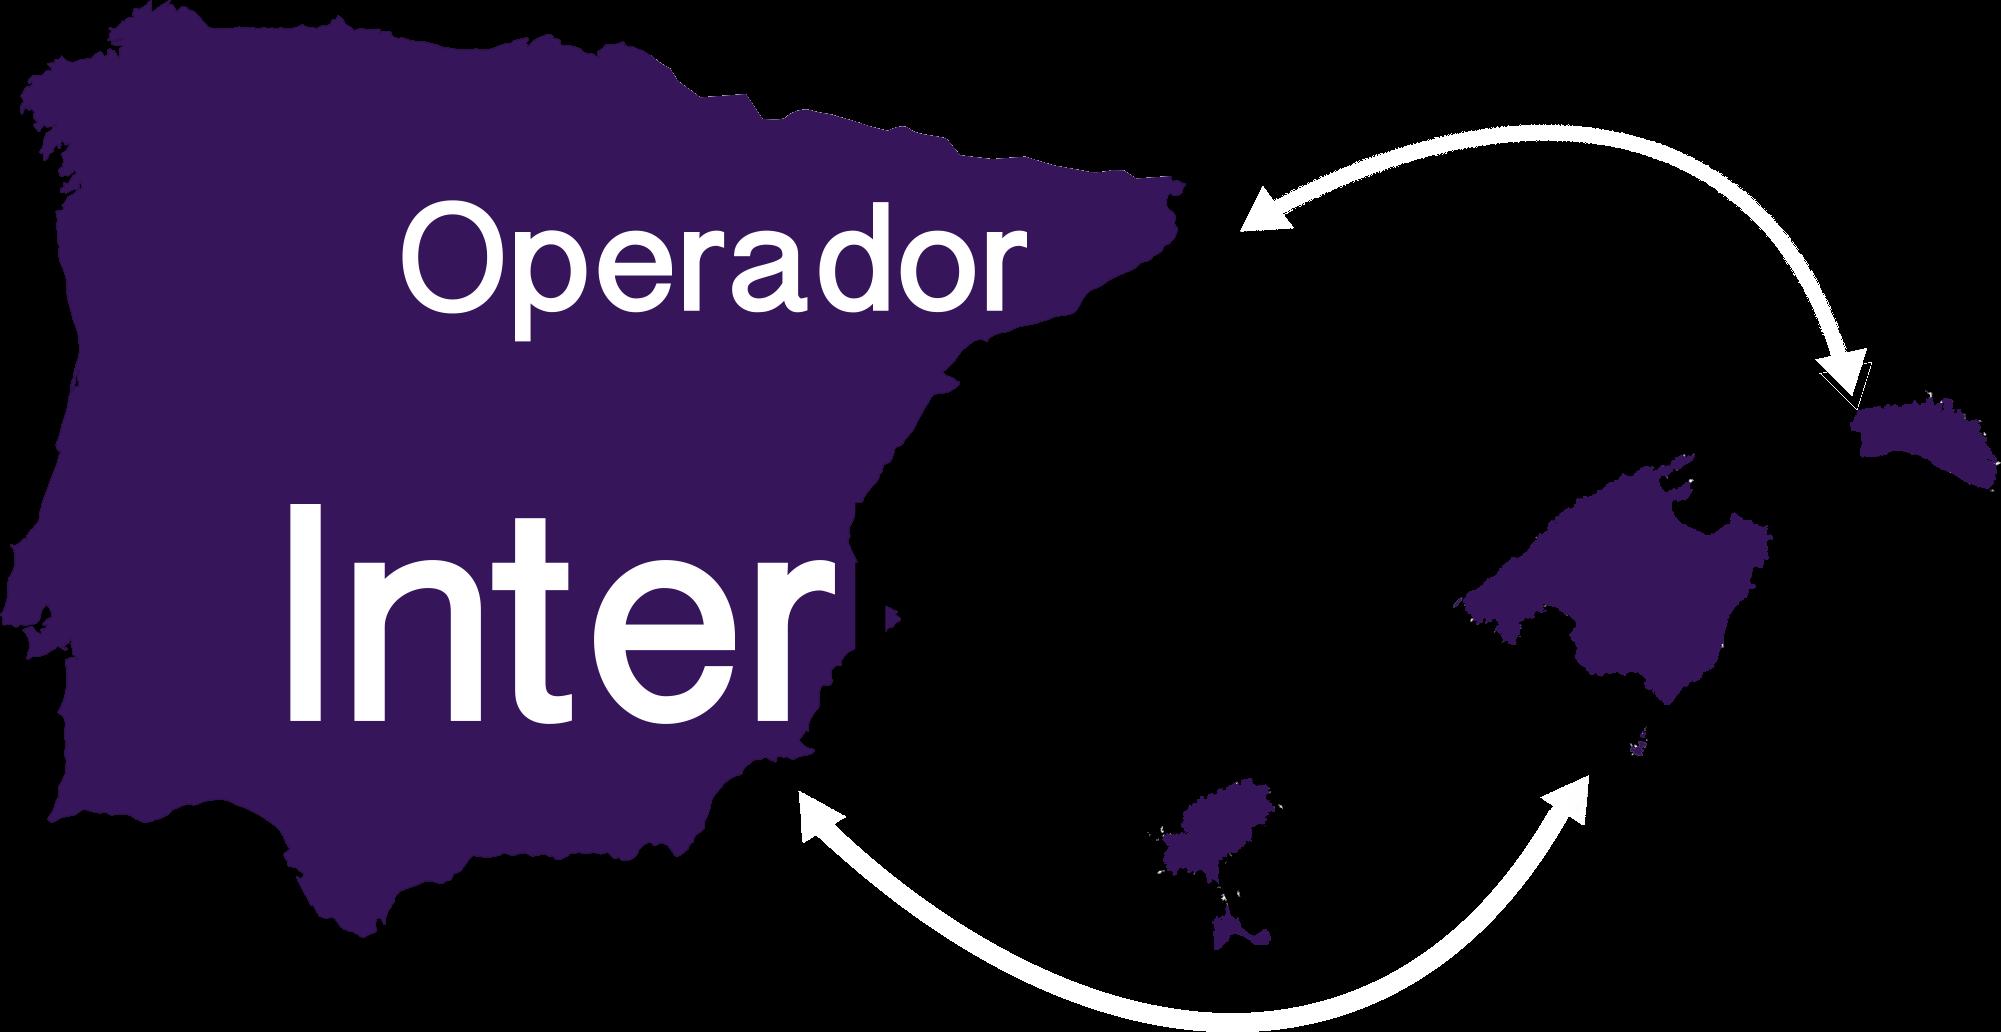 https://olinterislas.com/wp-content/uploads/2017/03/logo_olinterislas.png